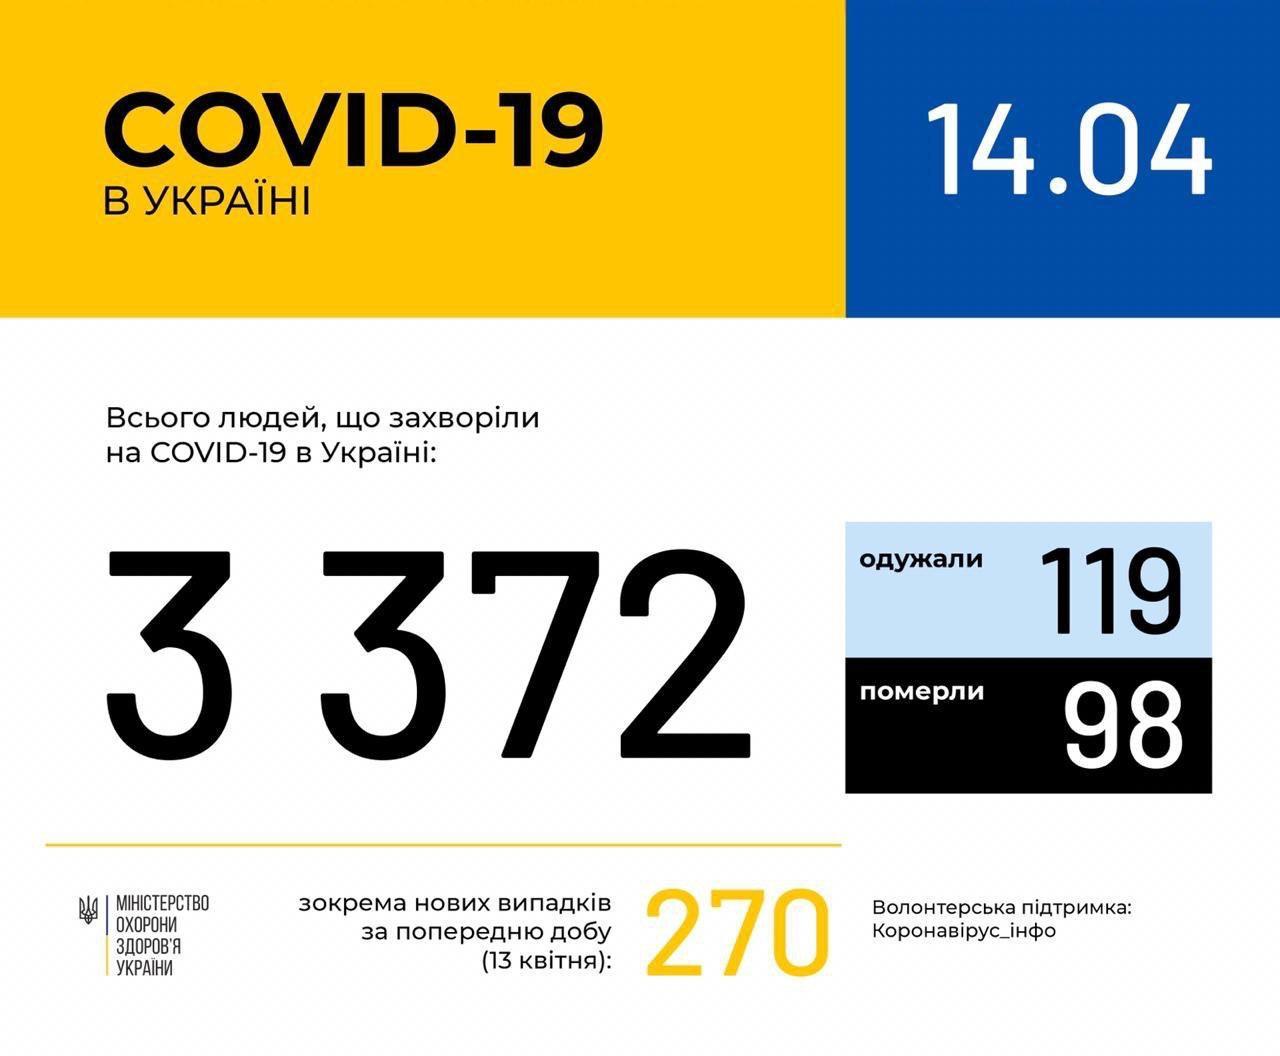 270 нових! В Україні зафіксовано 3372 випадки коронавірусної хвороби COVID-19